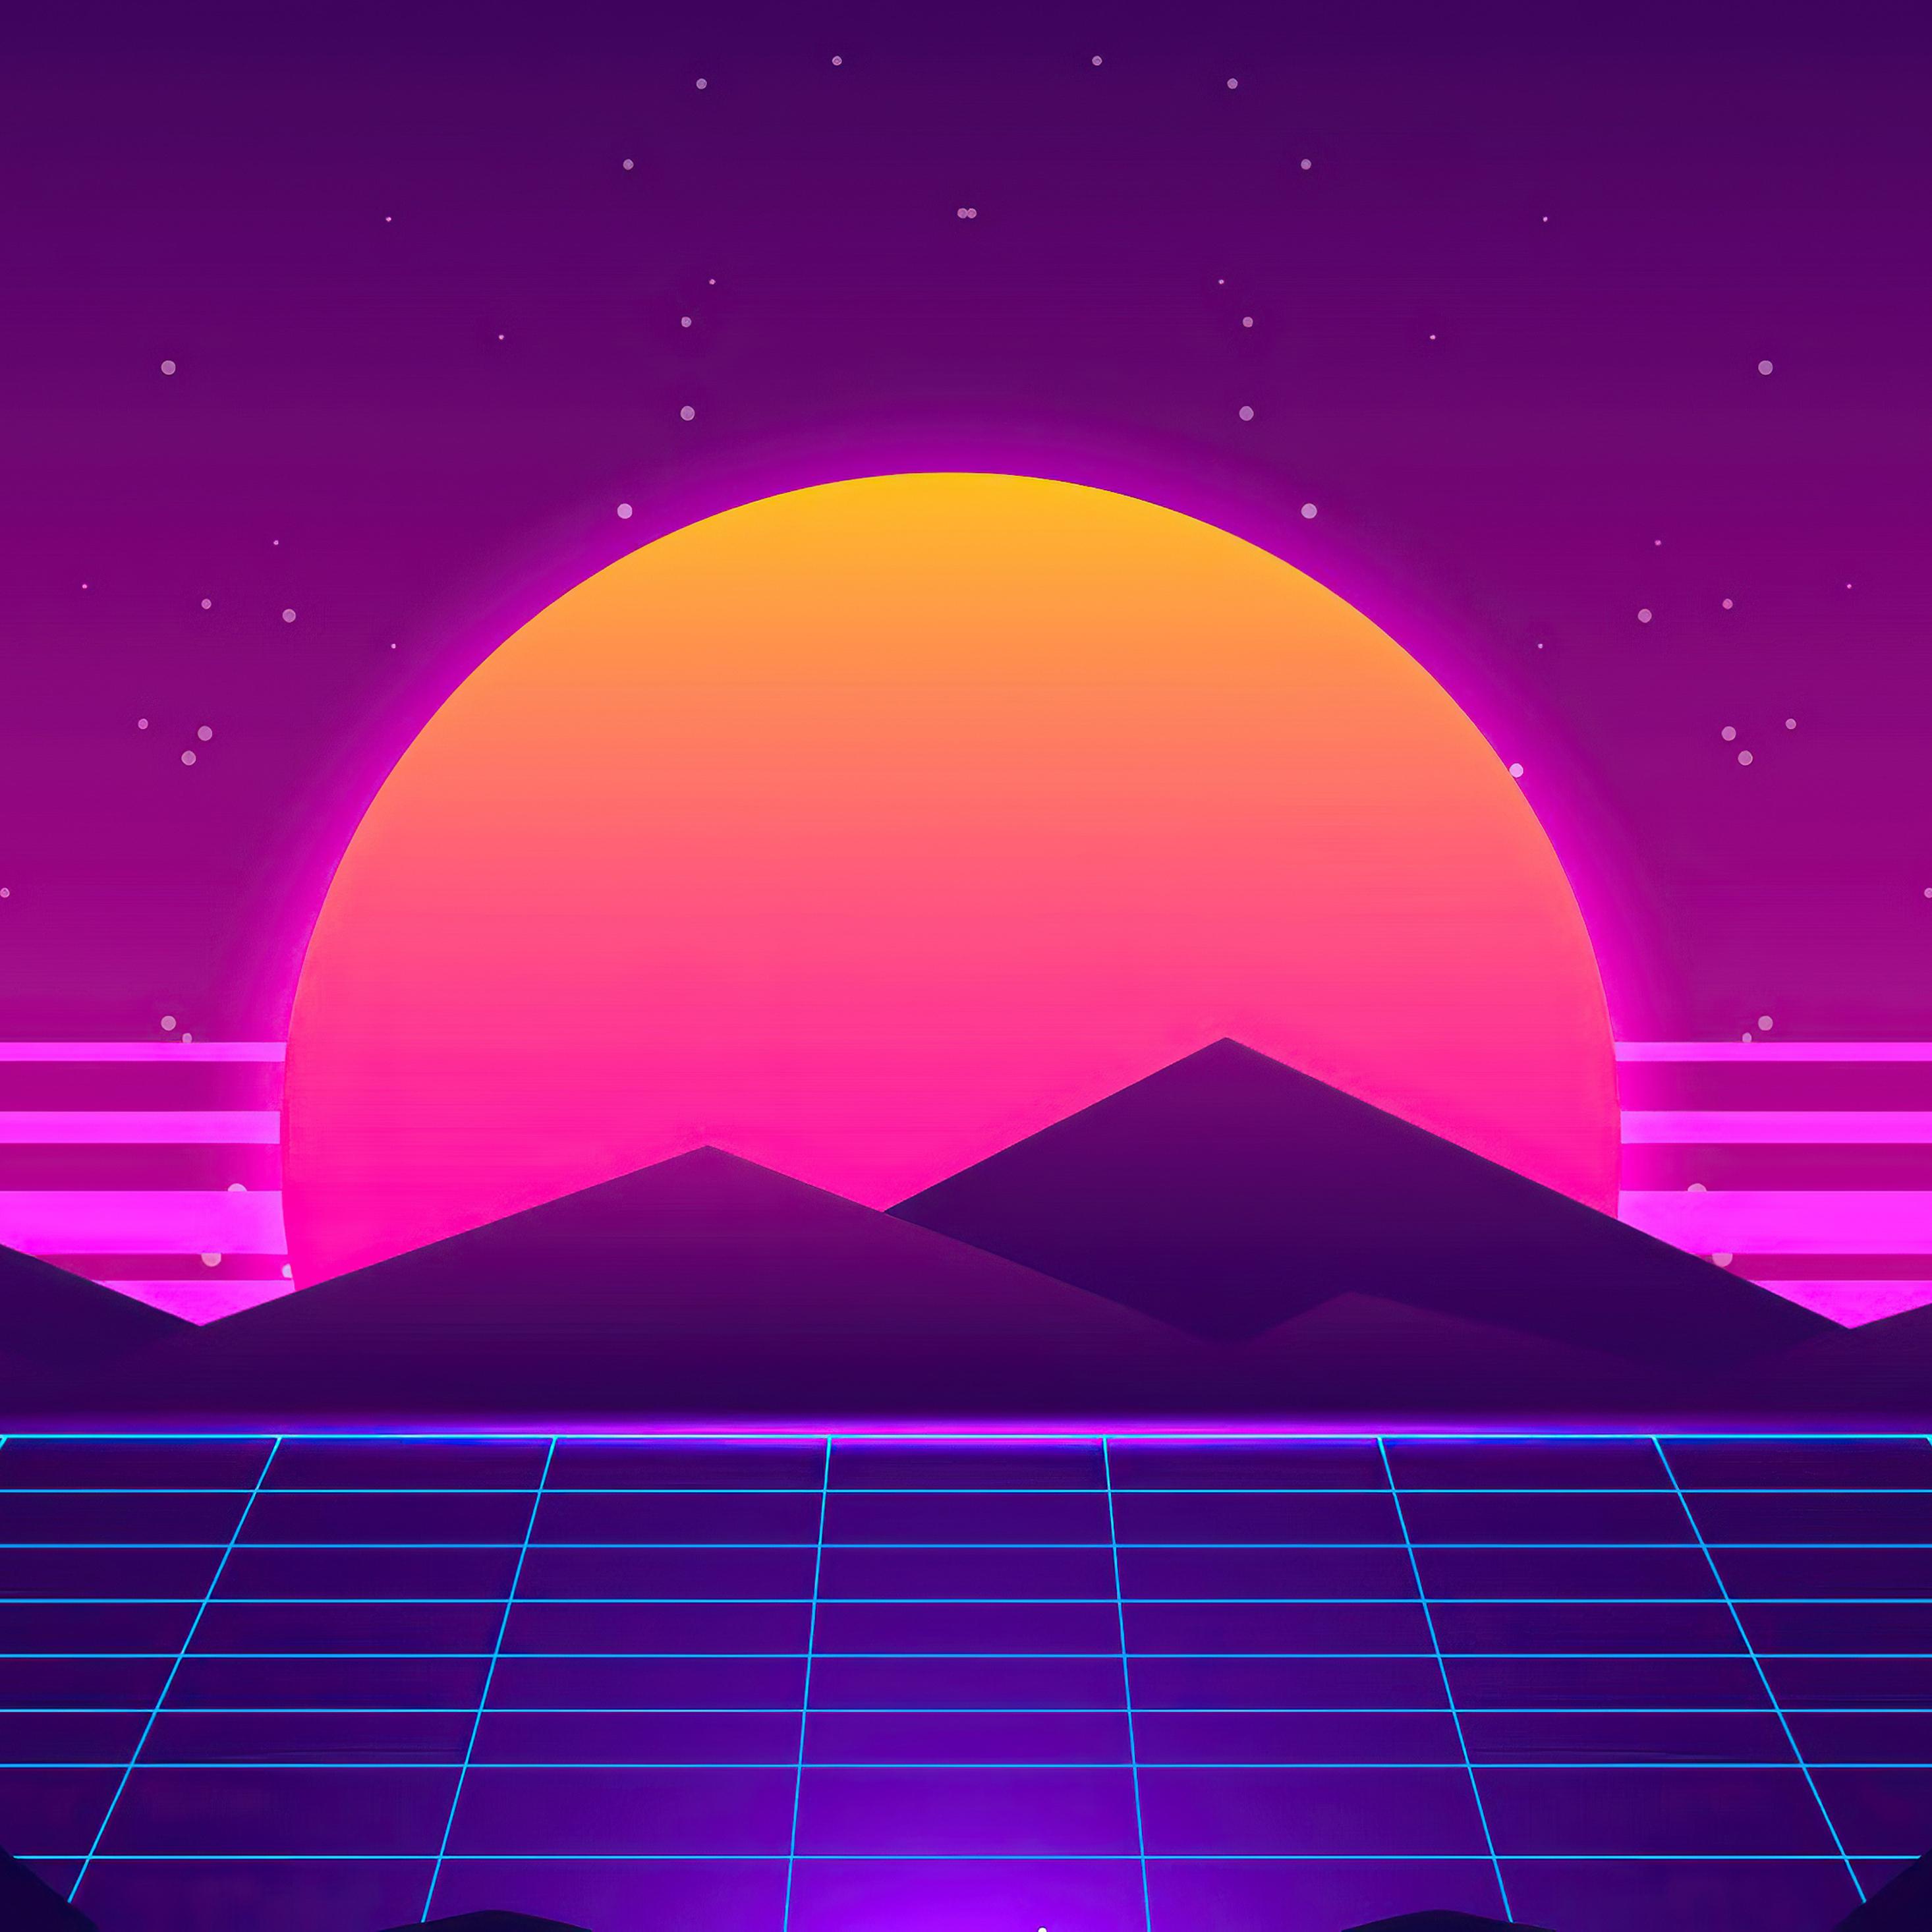 synthwave-sun-mountains-4k-op.jpg